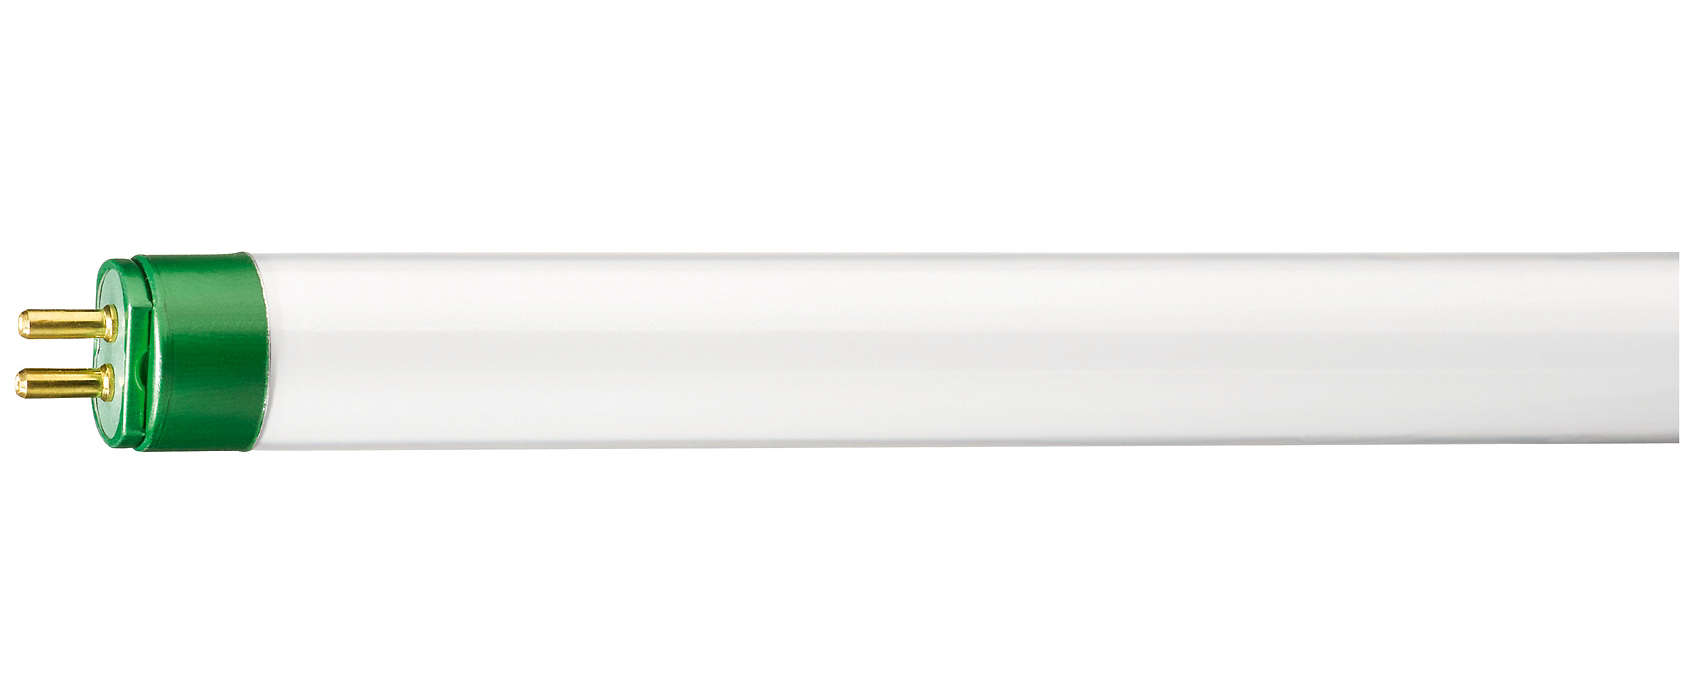 L'éclairage fluorescent le plus efficace et le plus vif au monde